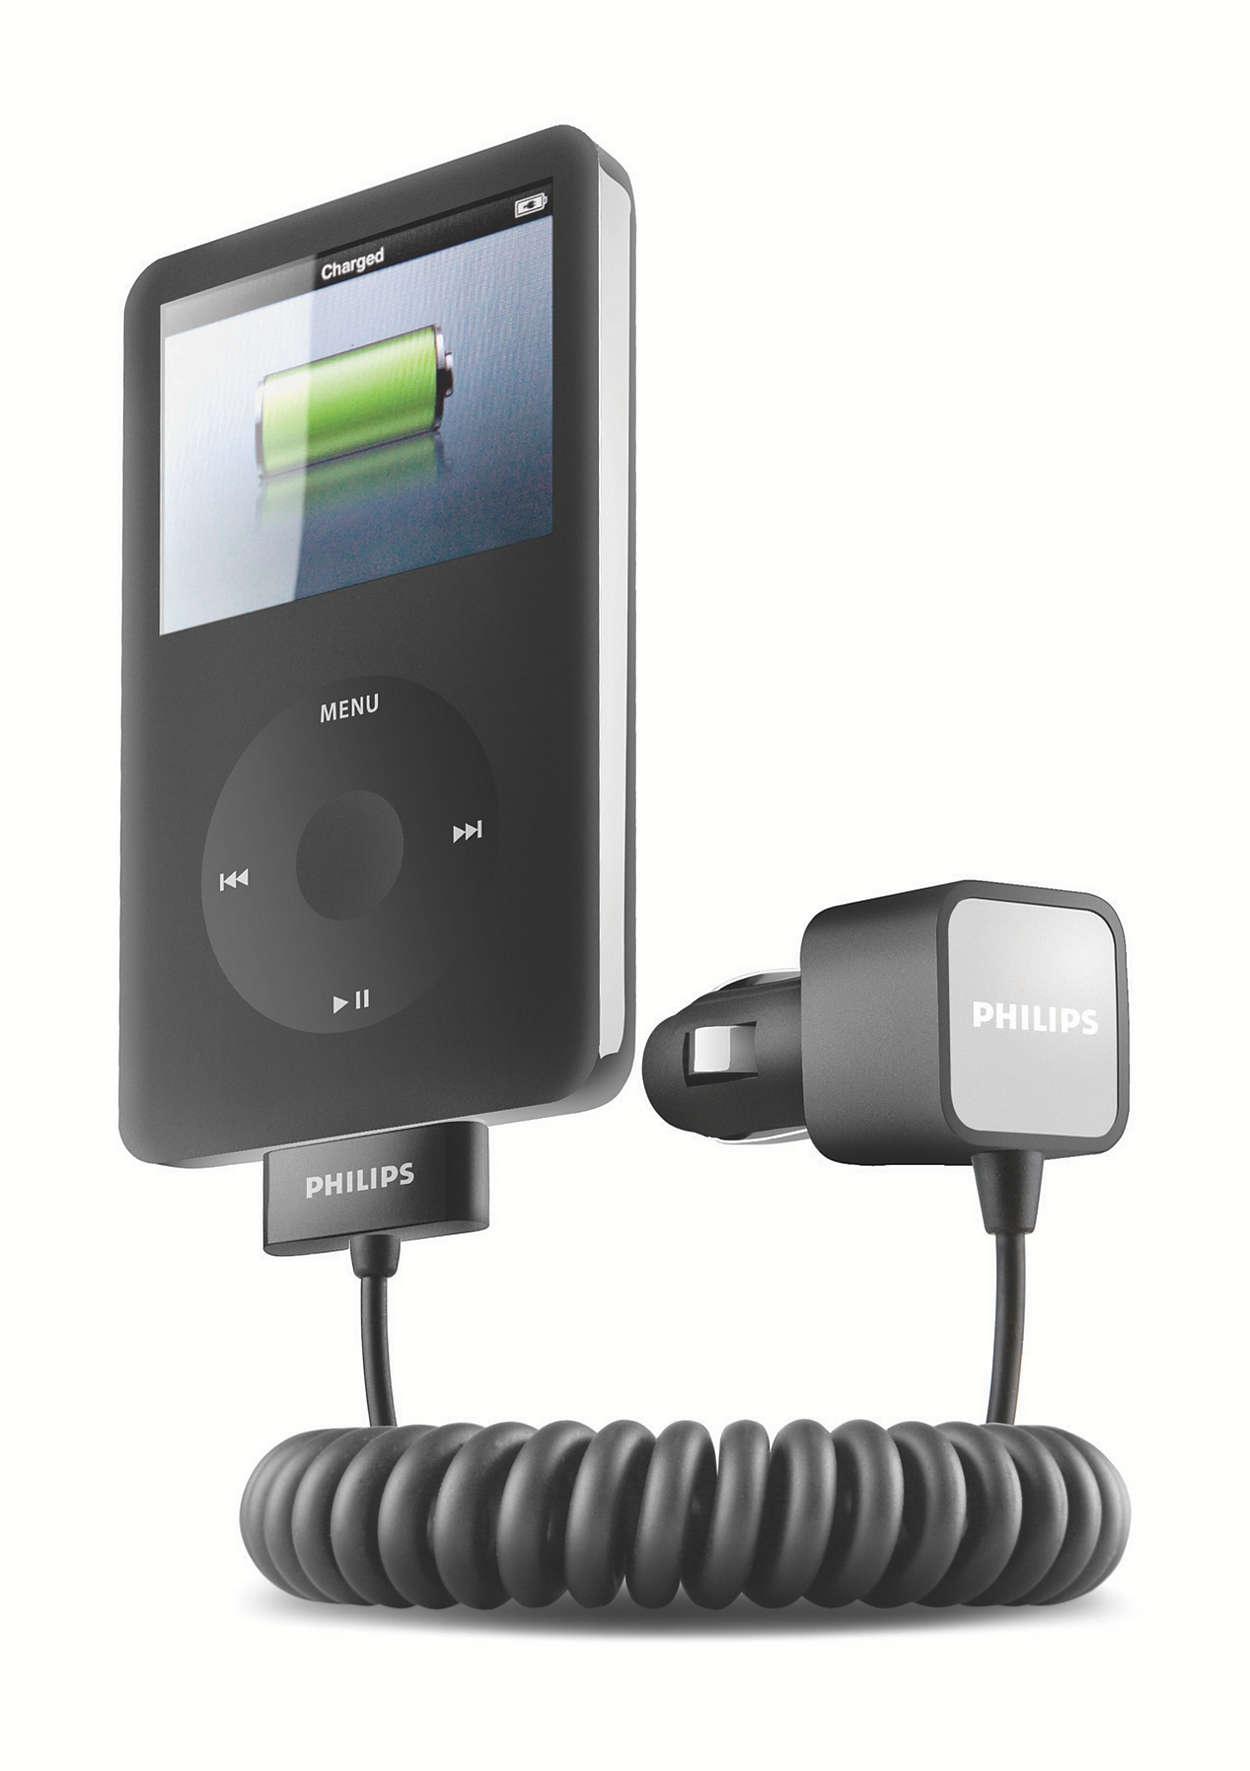 Nabíjejte zařízení iPod na cestách